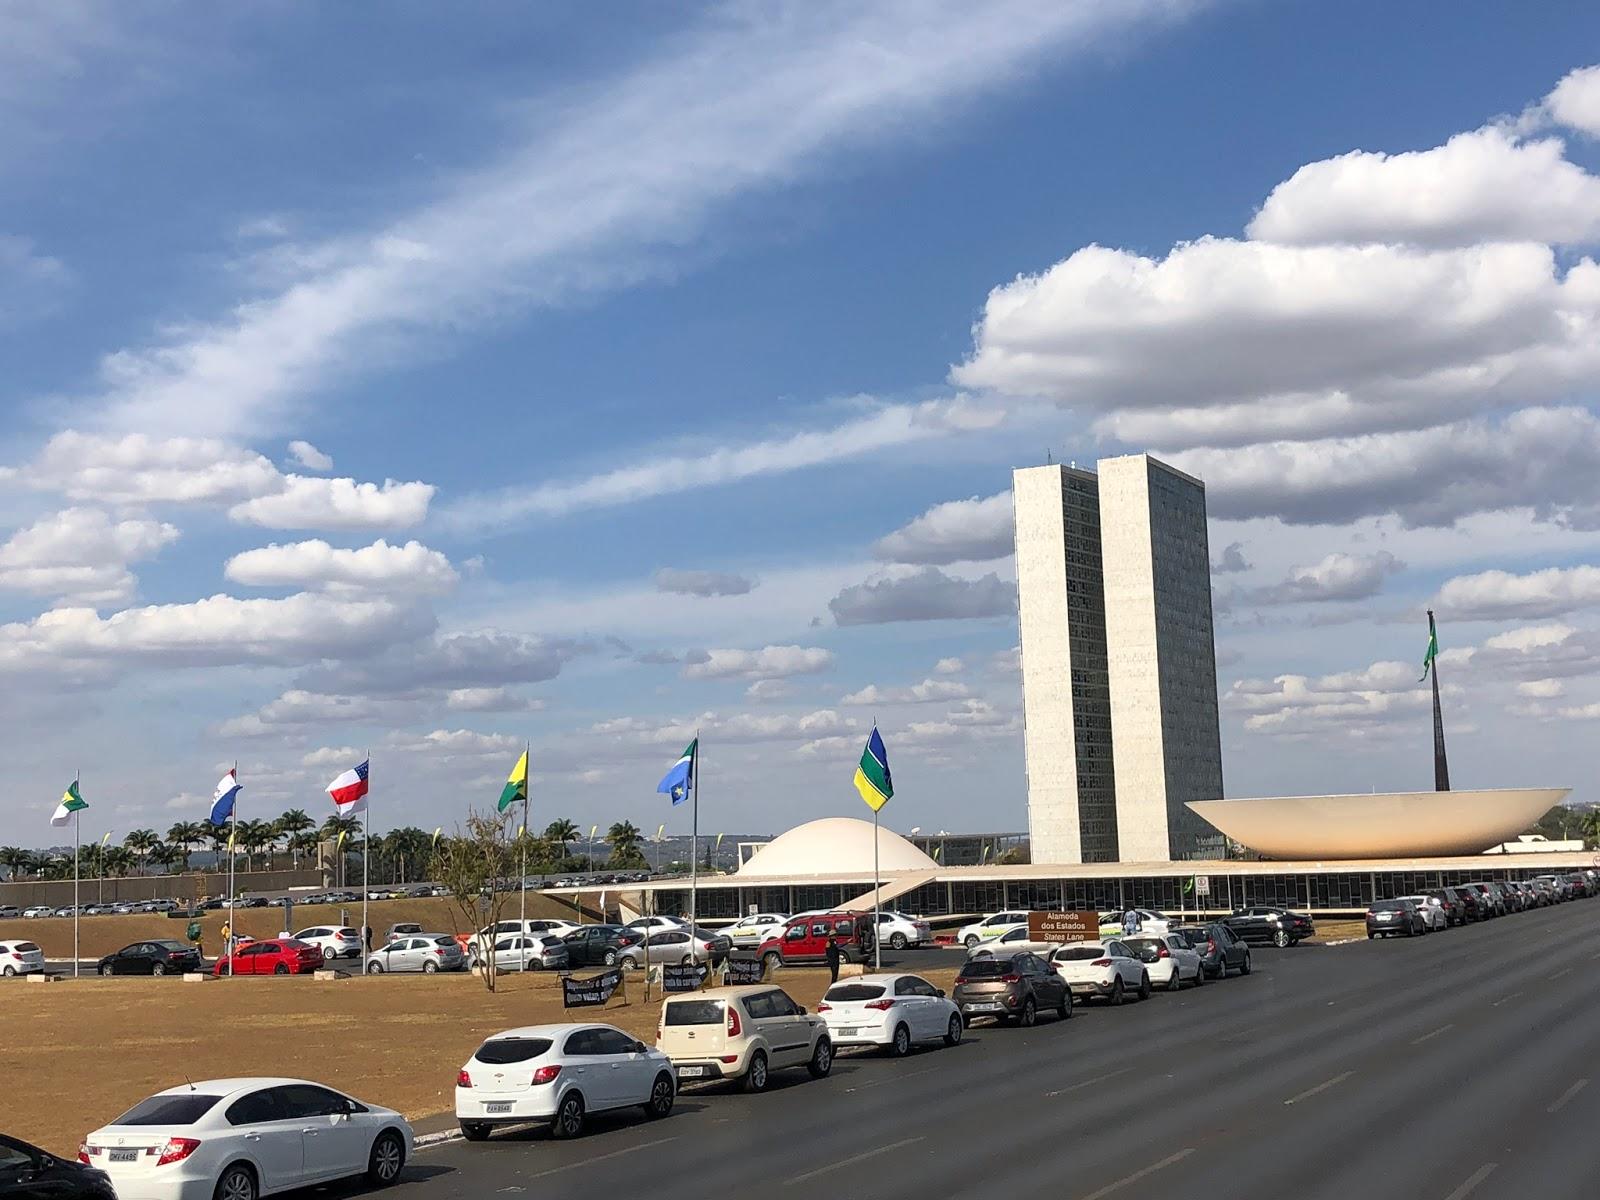 Tarde de Passeio em Brasília com a Secretaria de Turismo